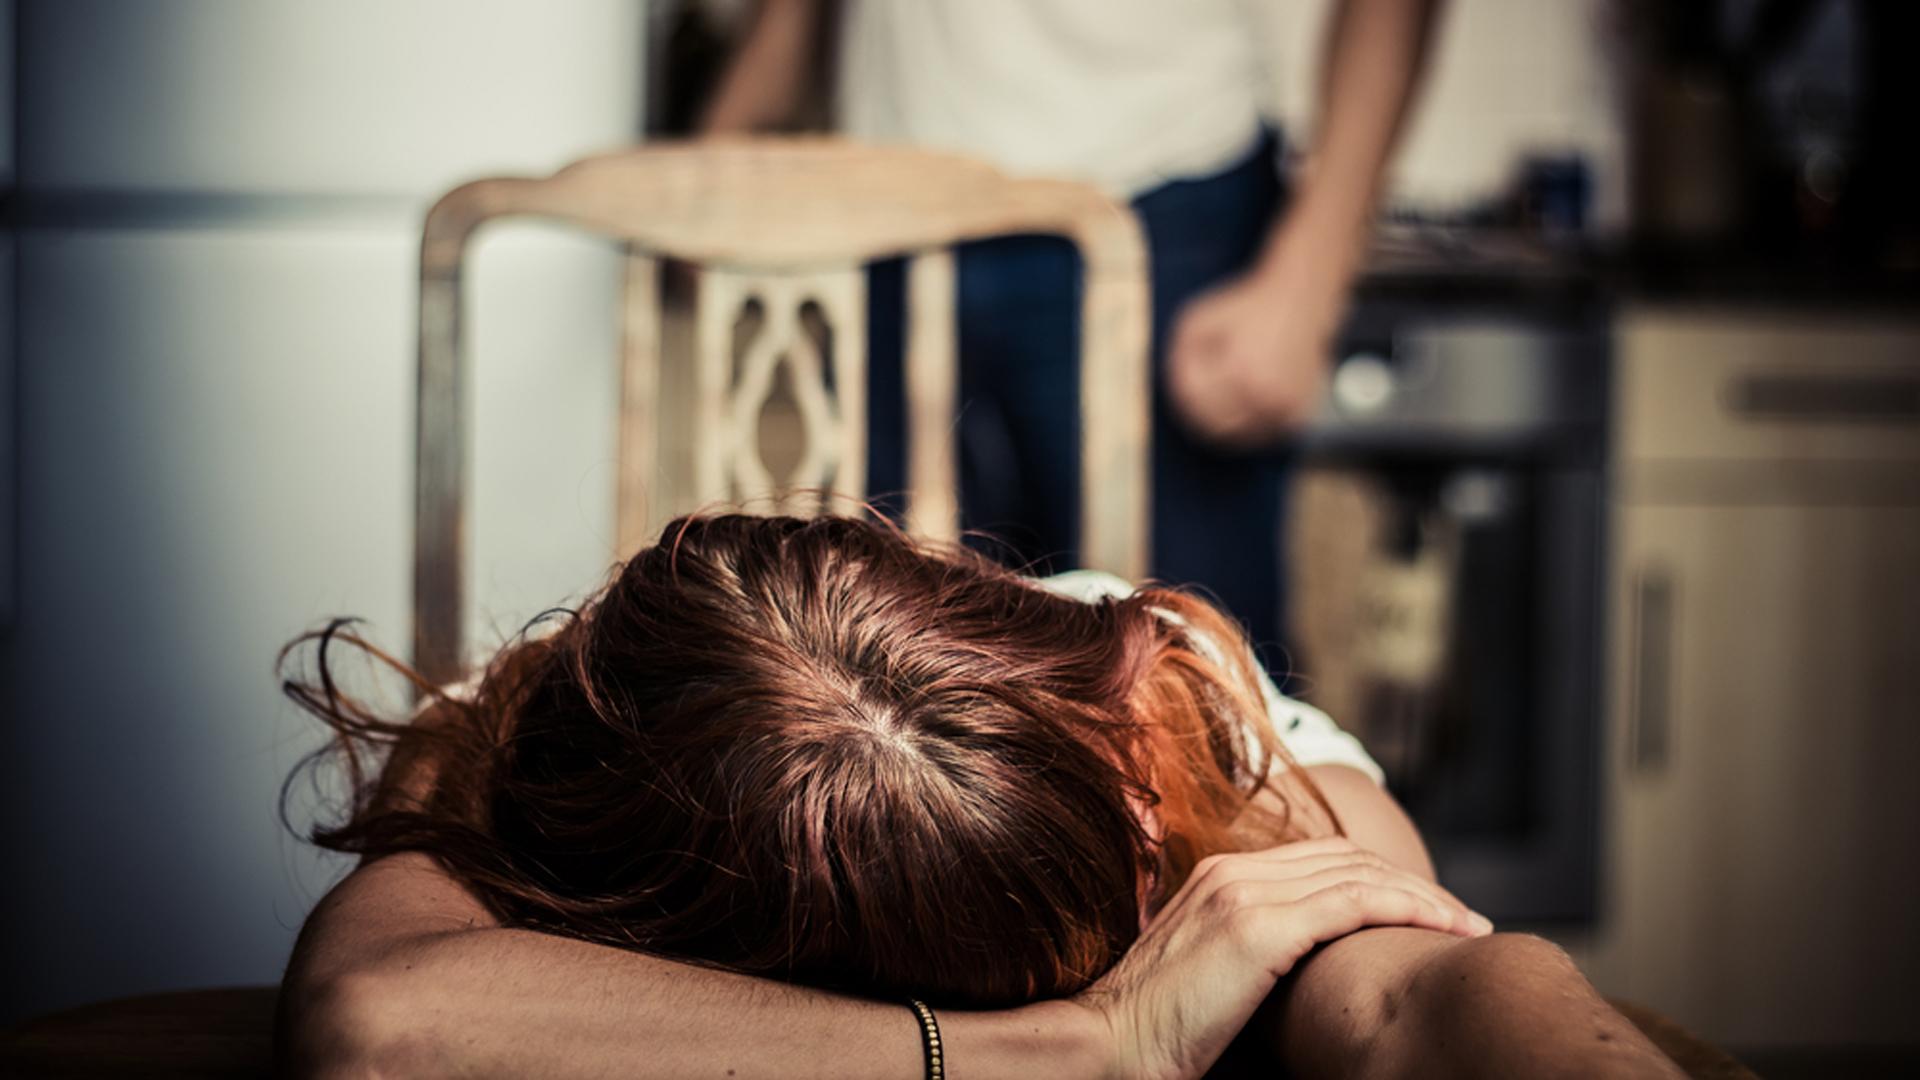 La tasa del país alcanza 1,1 femicidio cada 100 mil mujeres (Shutterstock)